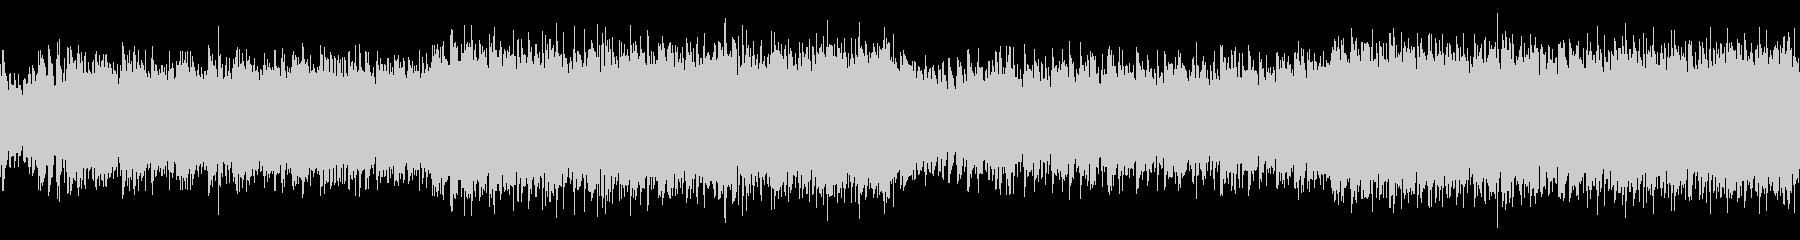 ループ・躍動的なフラメンコEDMの未再生の波形